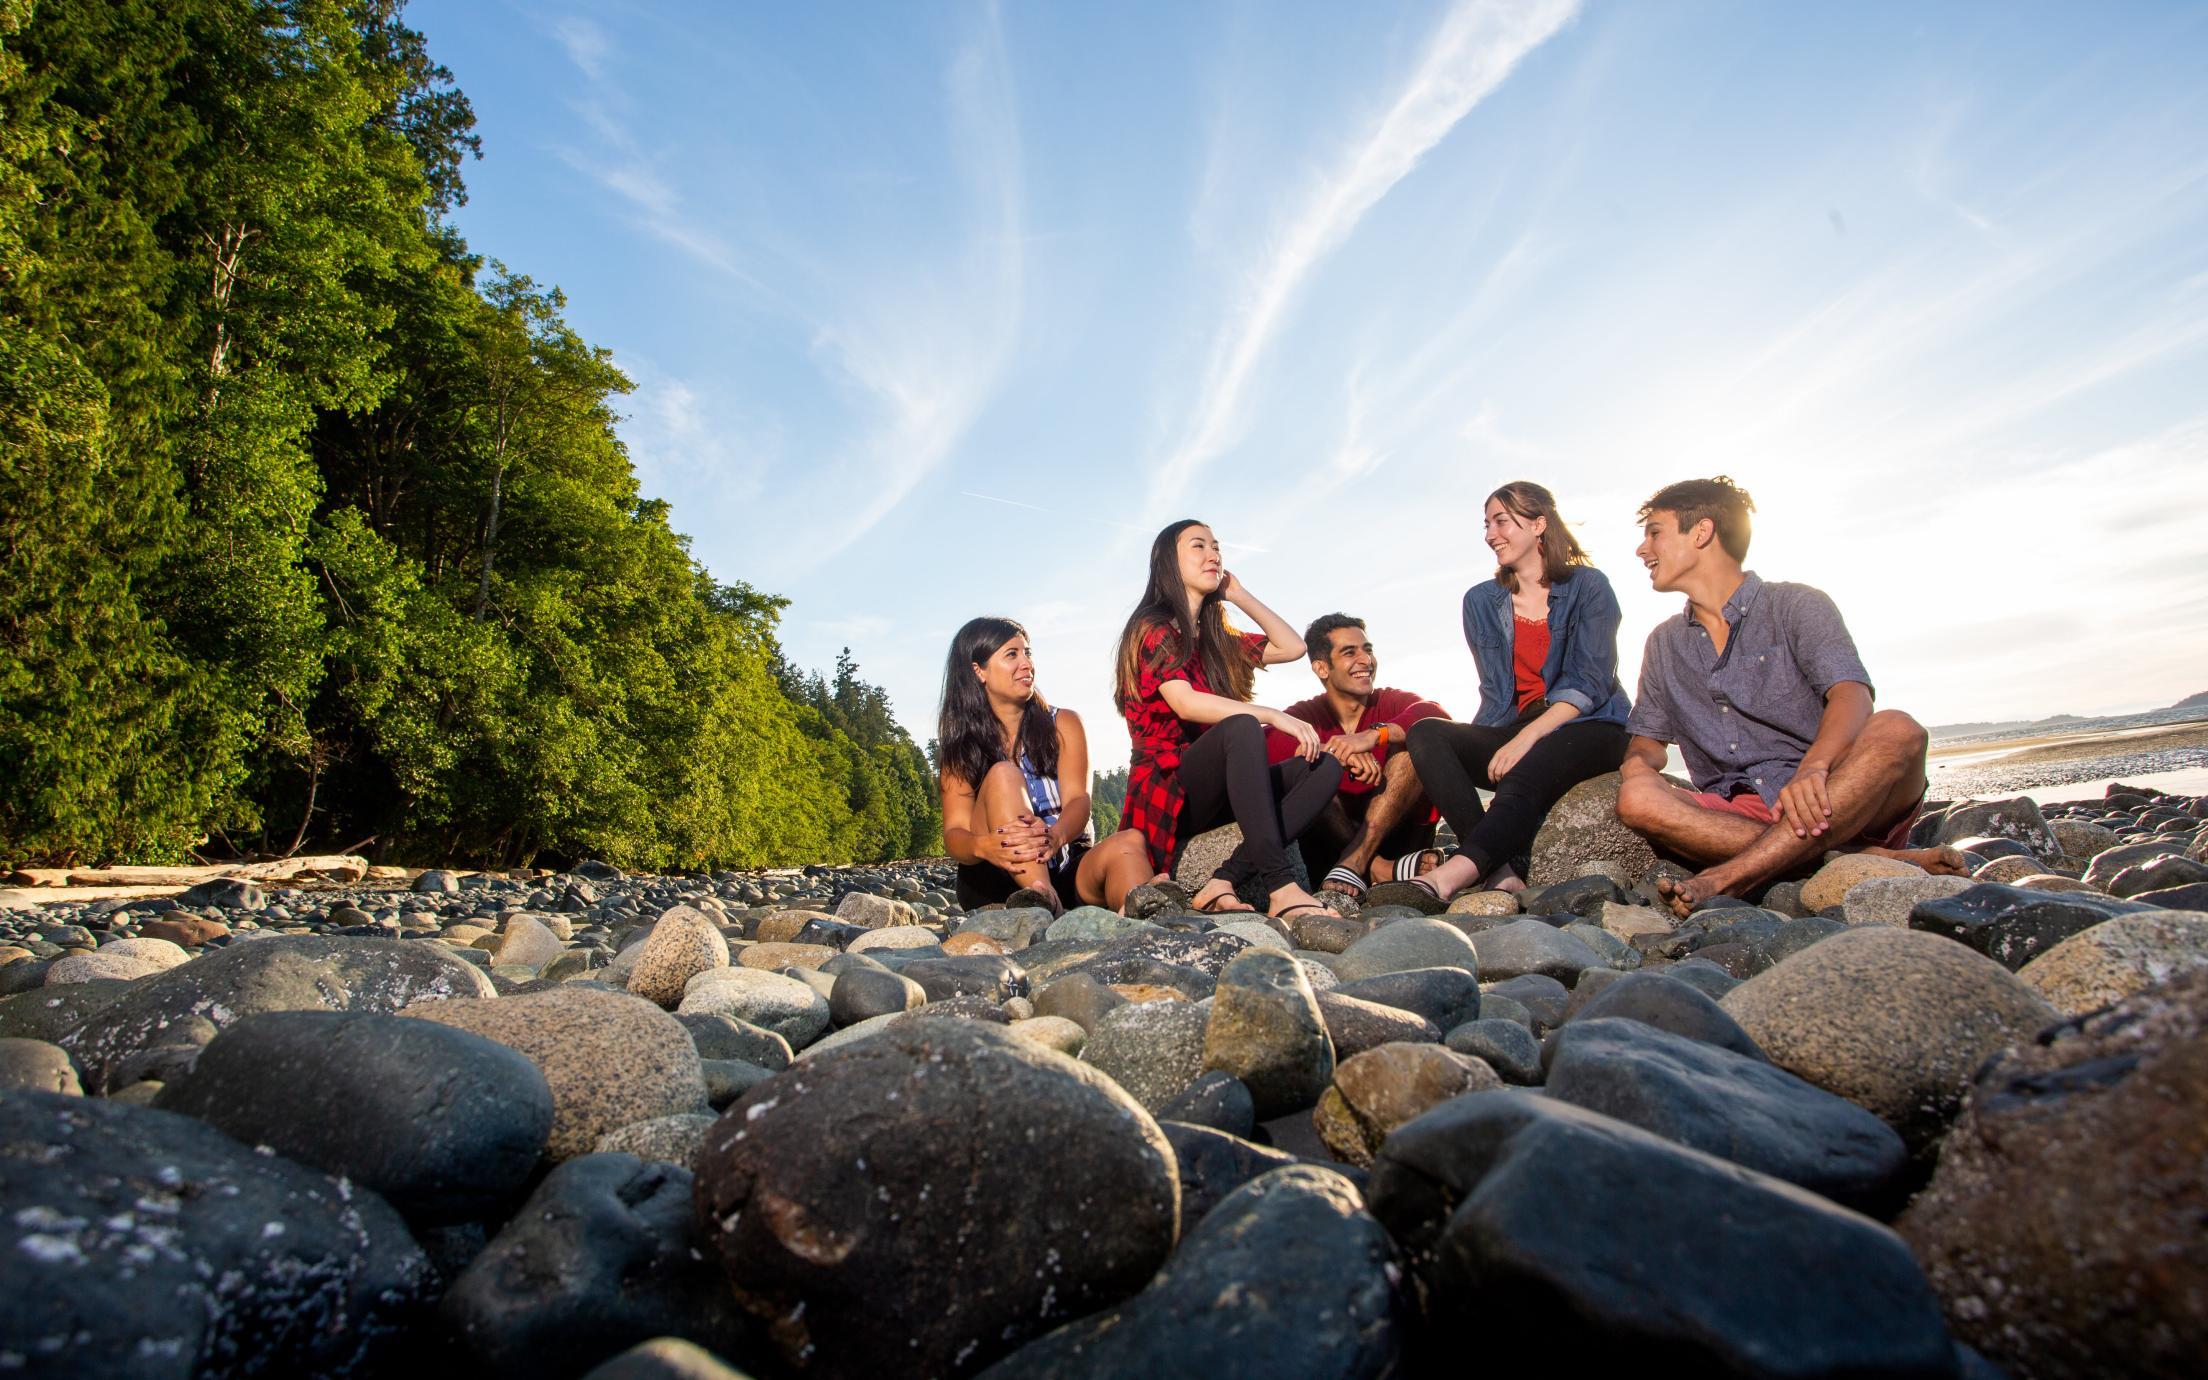 VIU Students at Beach